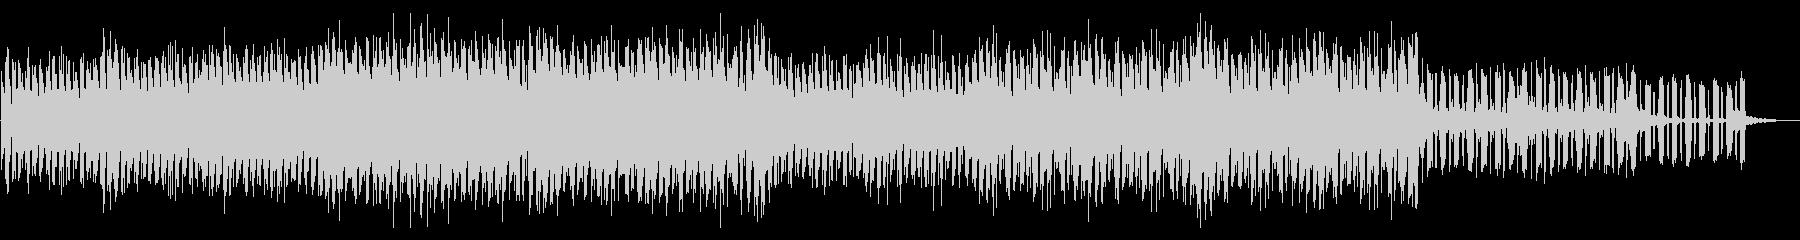 texture9の未再生の波形